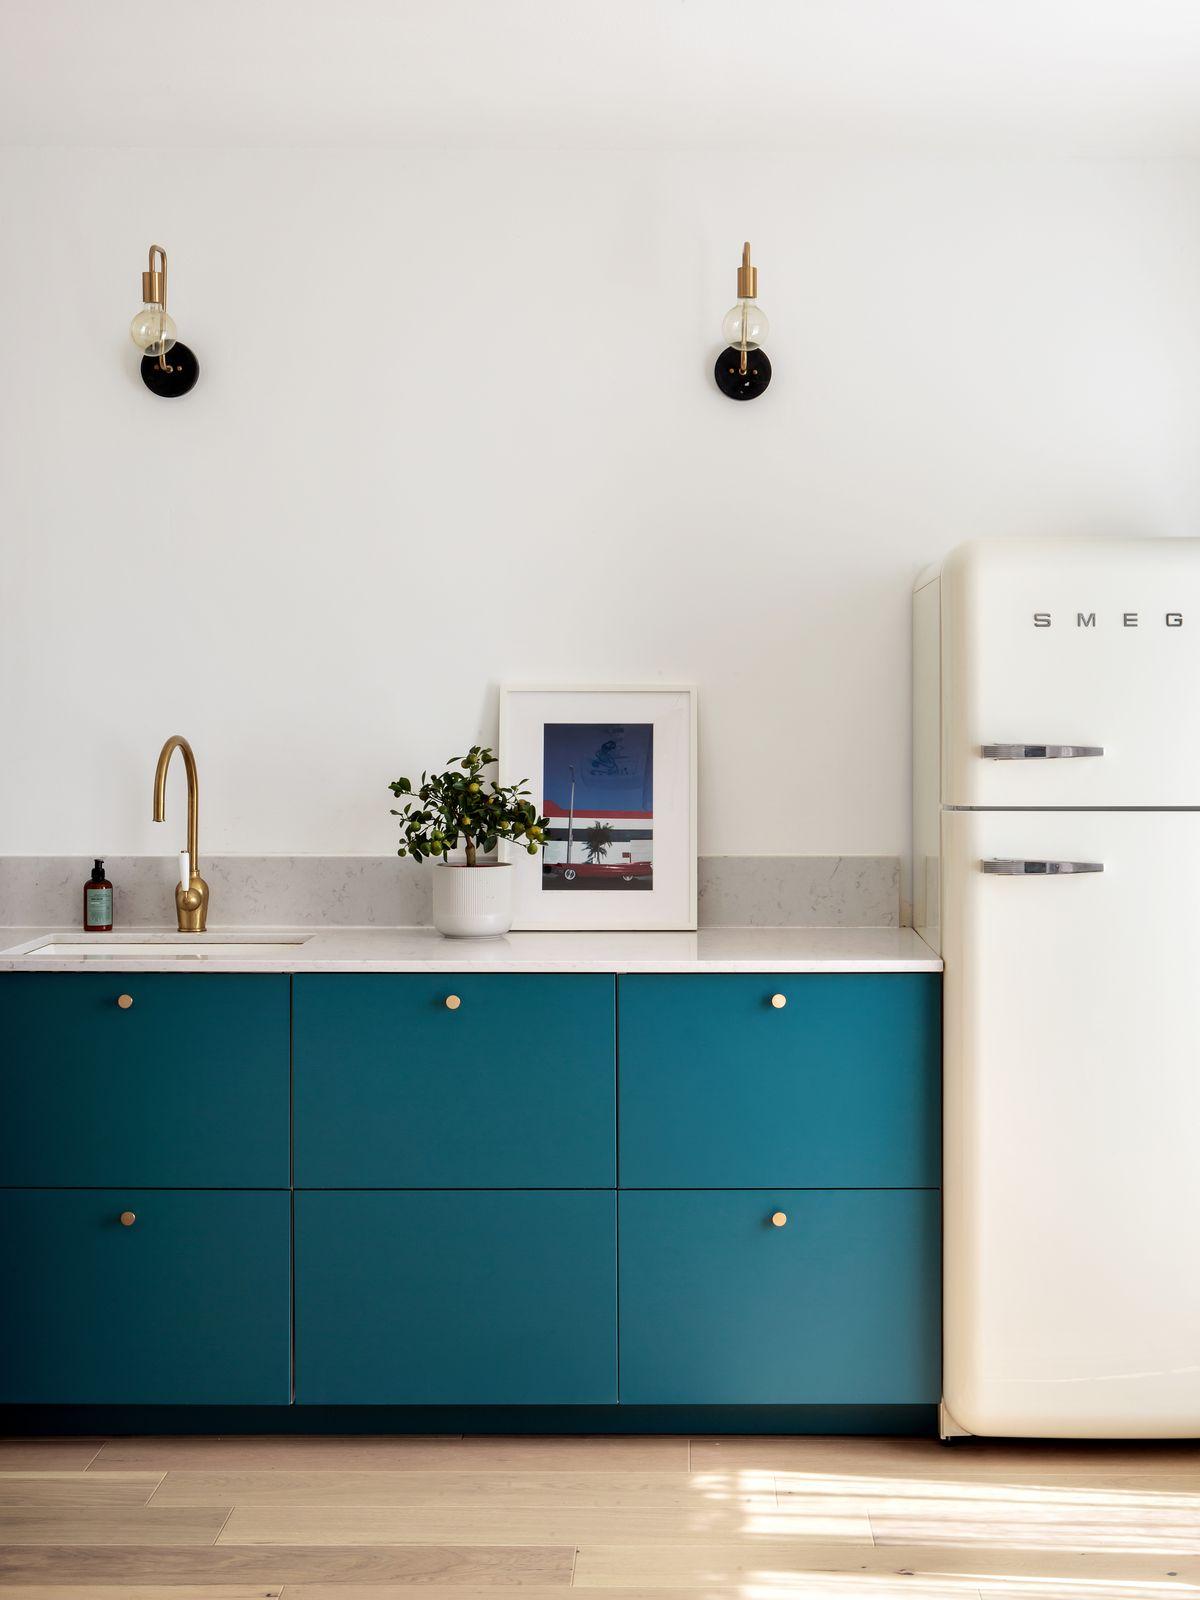 Cuisine IKEA hack déco bleu canard marbre gris design frigo smeg blanc cassée